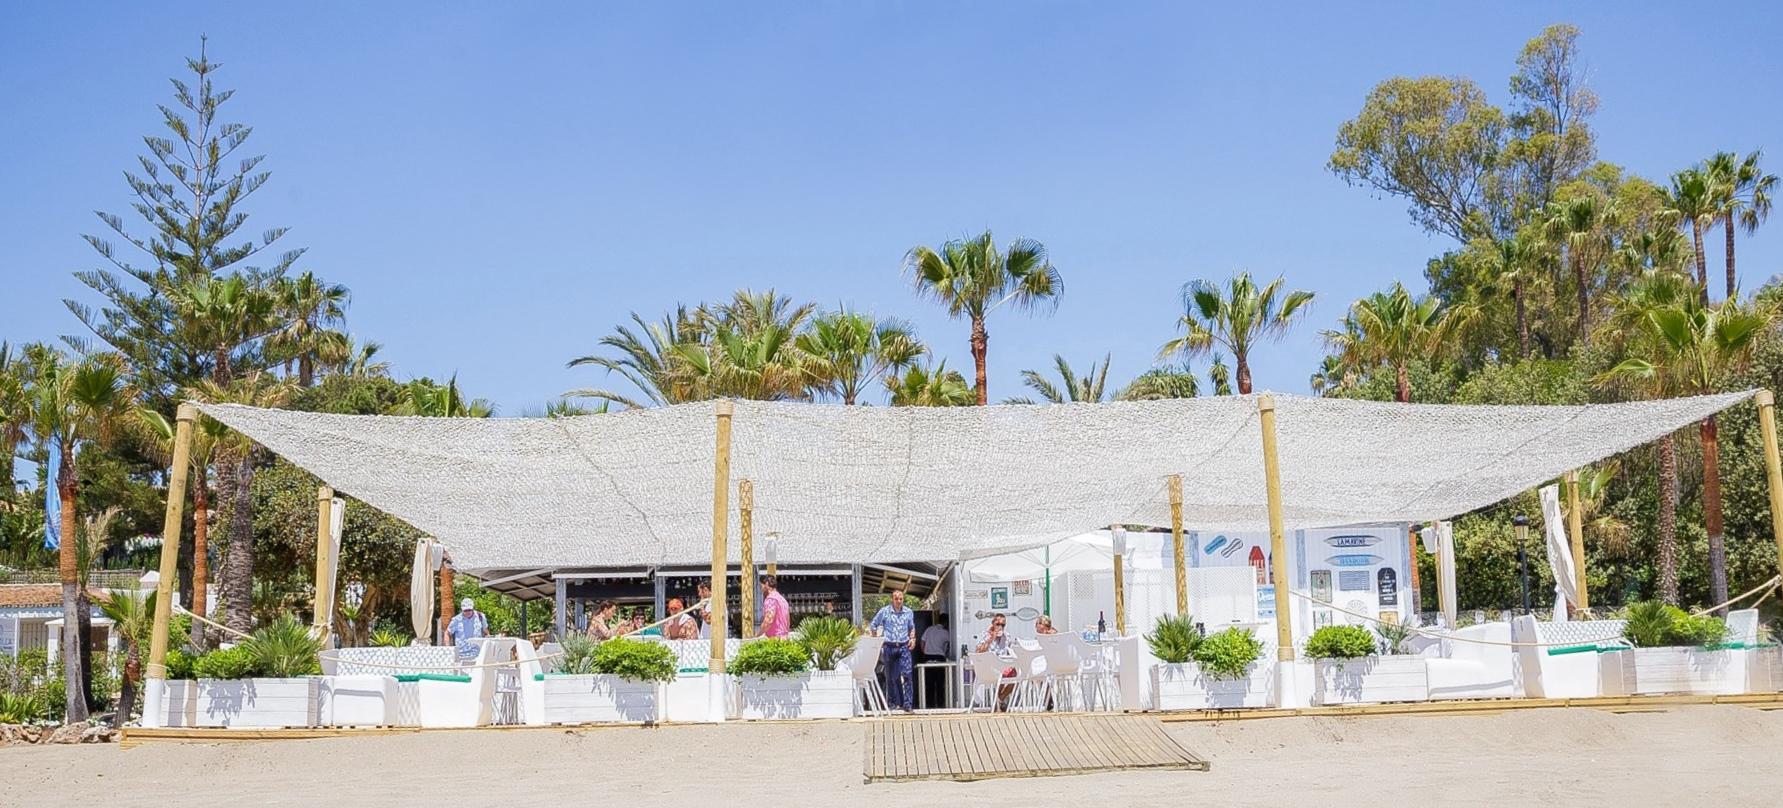 El Chiringuito Marbella